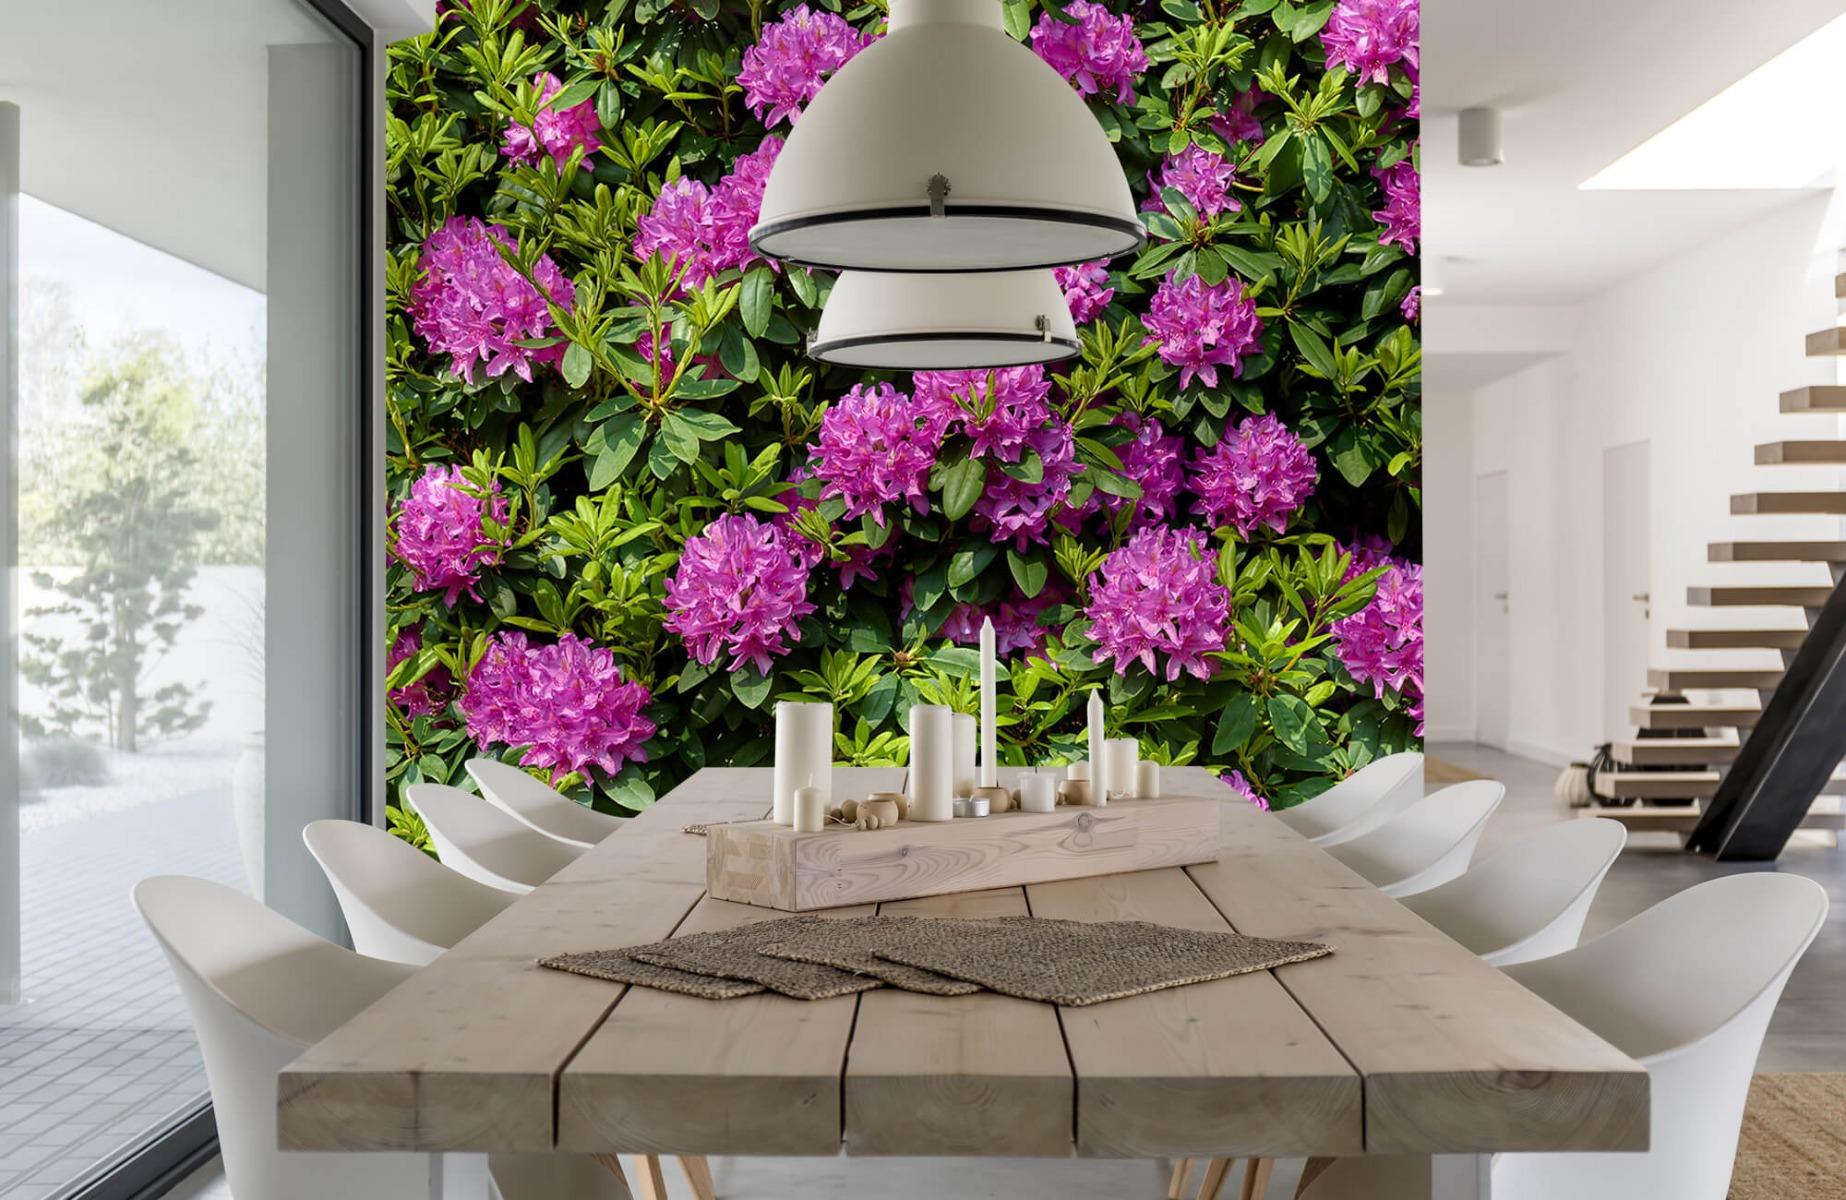 Bloemenvelden - Rododendrons - Wallexclusive - Slaapkamer 16